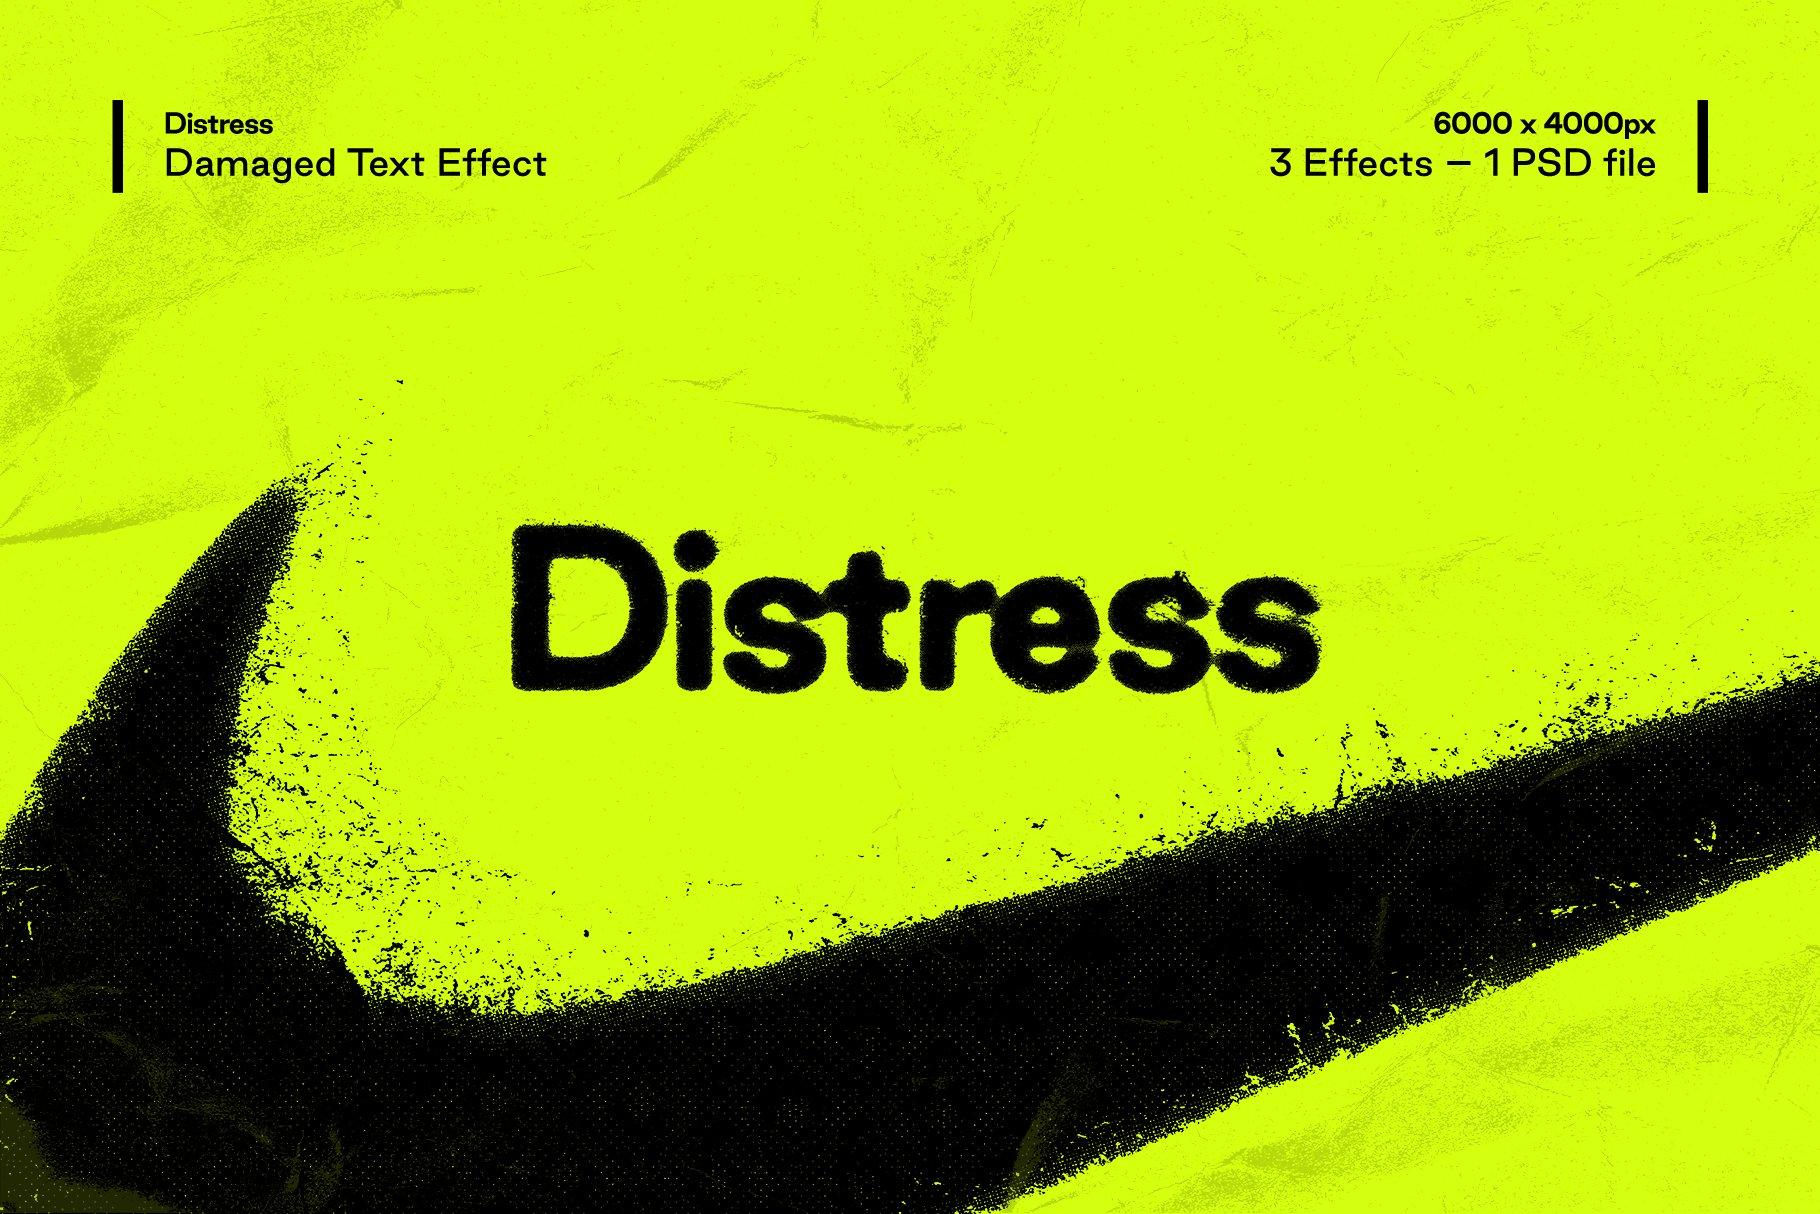 [淘宝购买] 潮流腐蚀颗粒毛刺半调效果徽标文字设计PS样式模板 Distress – Damaged Text Effect插图